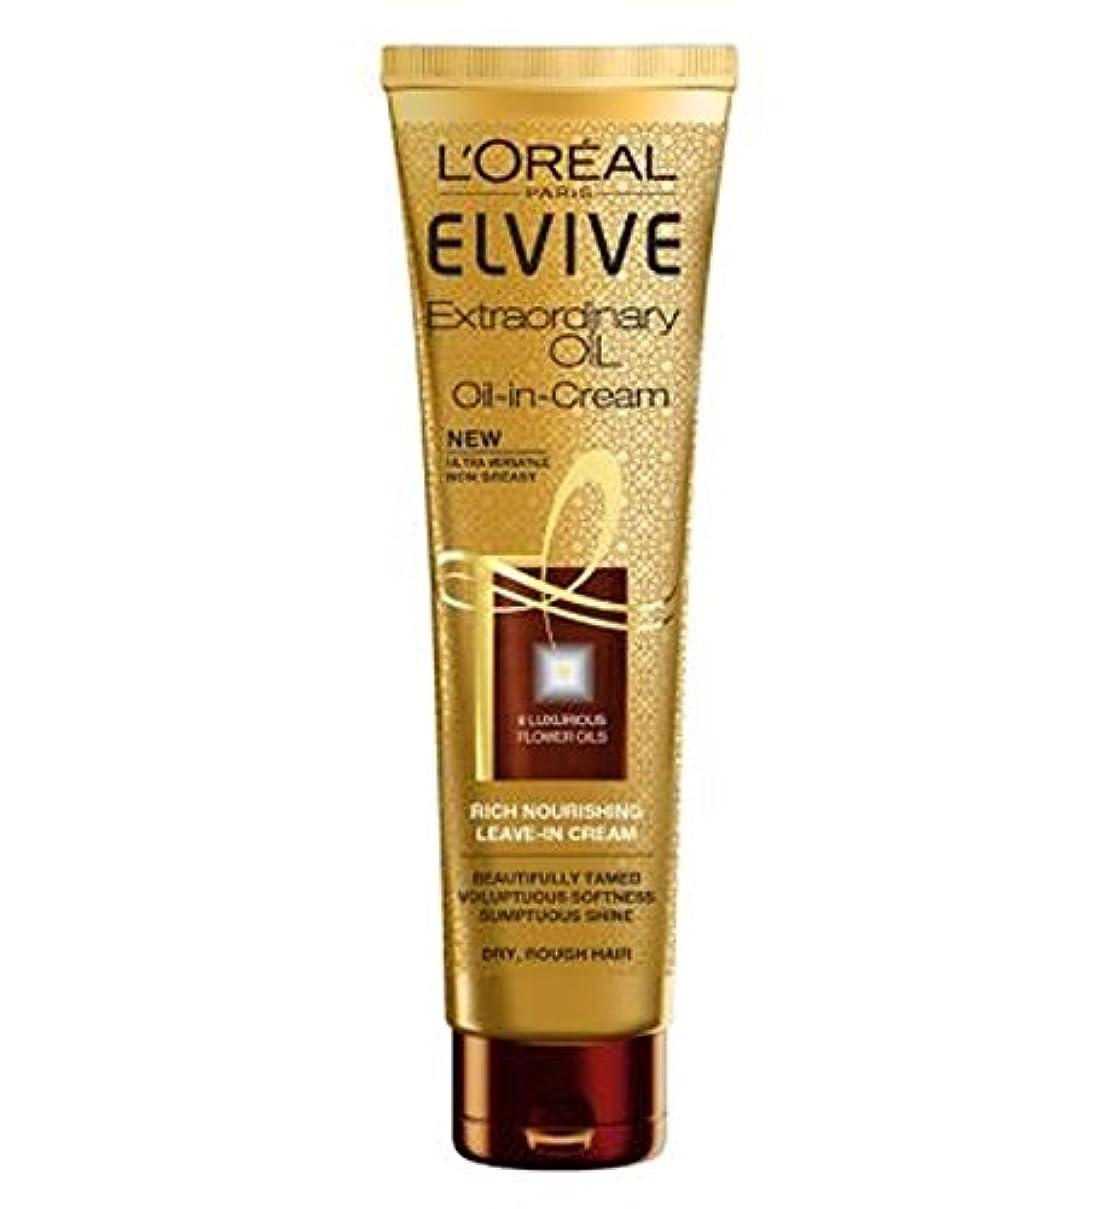 パスポート記事キャプチャークリーム乾いた髪でロレアルパリElvive臨時オイル (L'Oreal) (x2) - L'Oreal Paris Elvive Extraordinary Oil in Cream Dry Hair (Pack of...